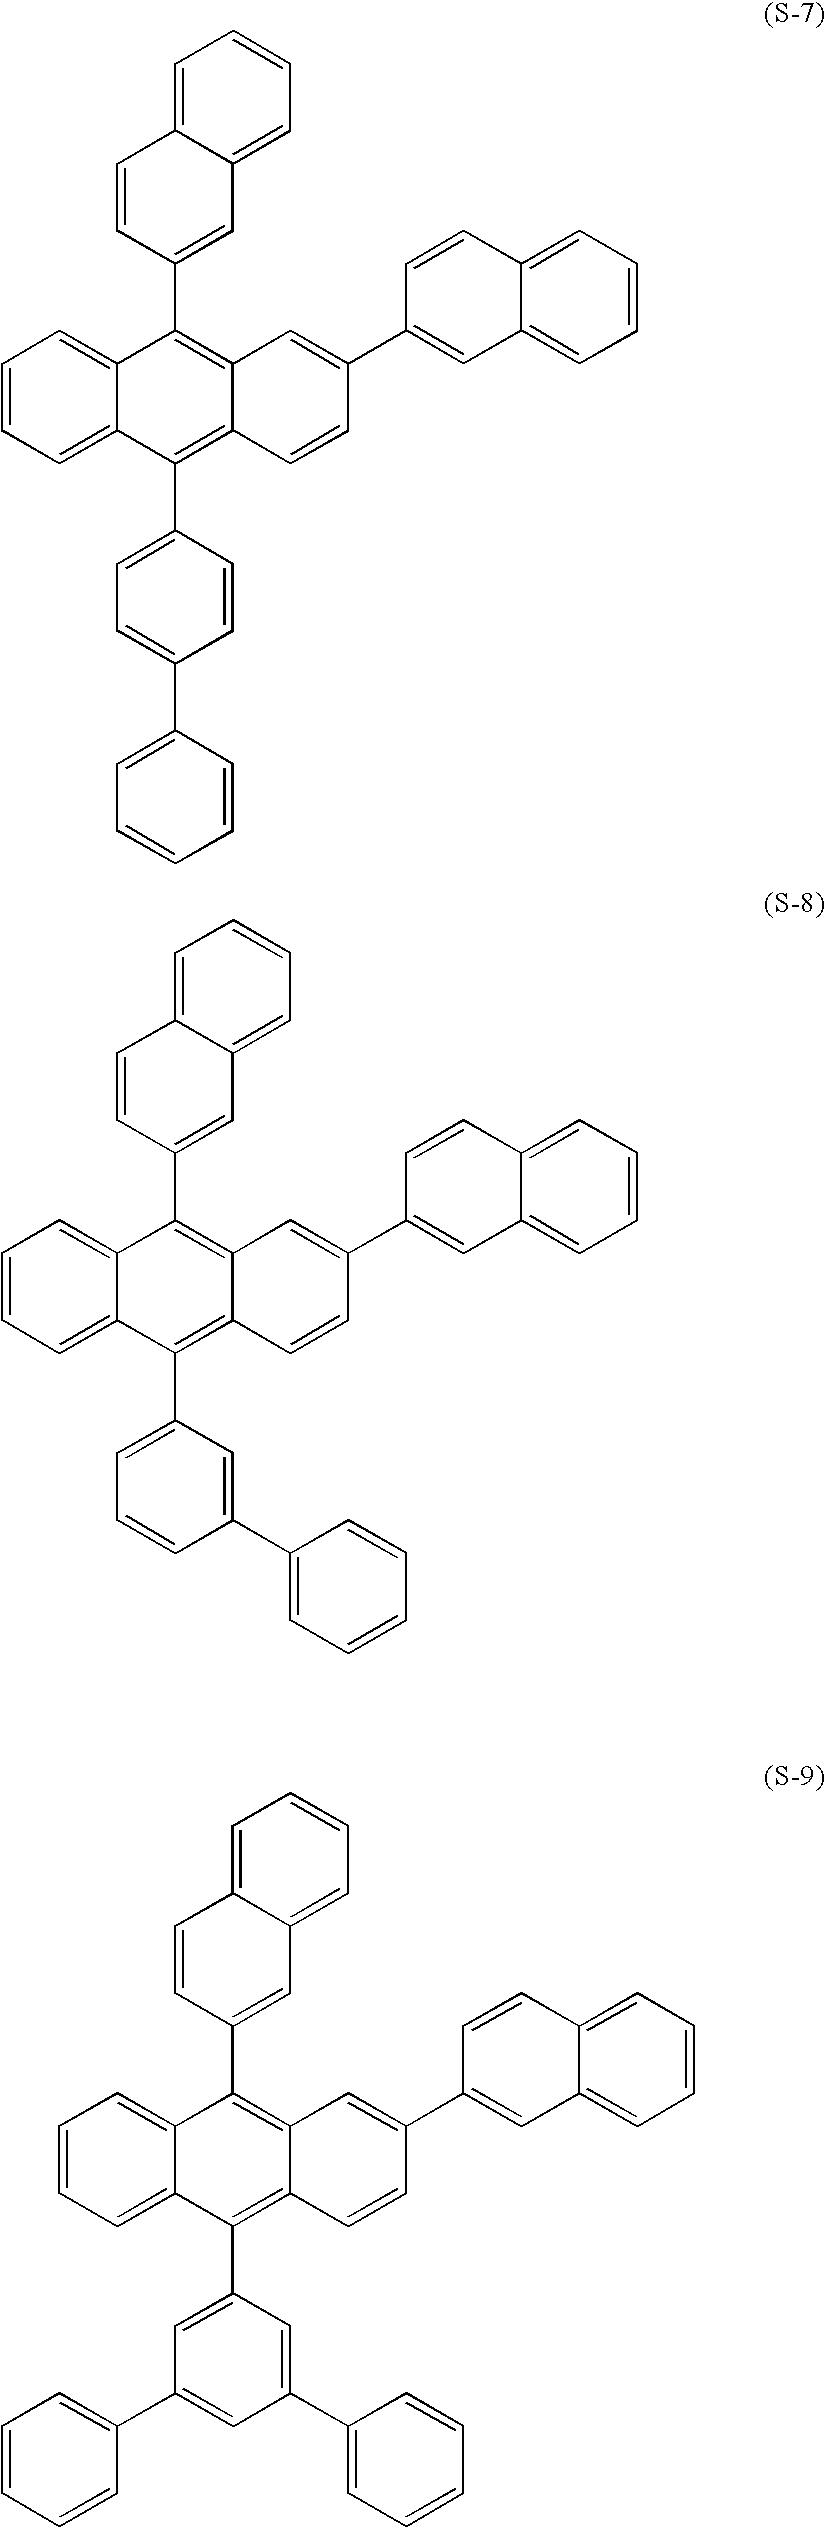 Figure US20090191427A1-20090730-C00068